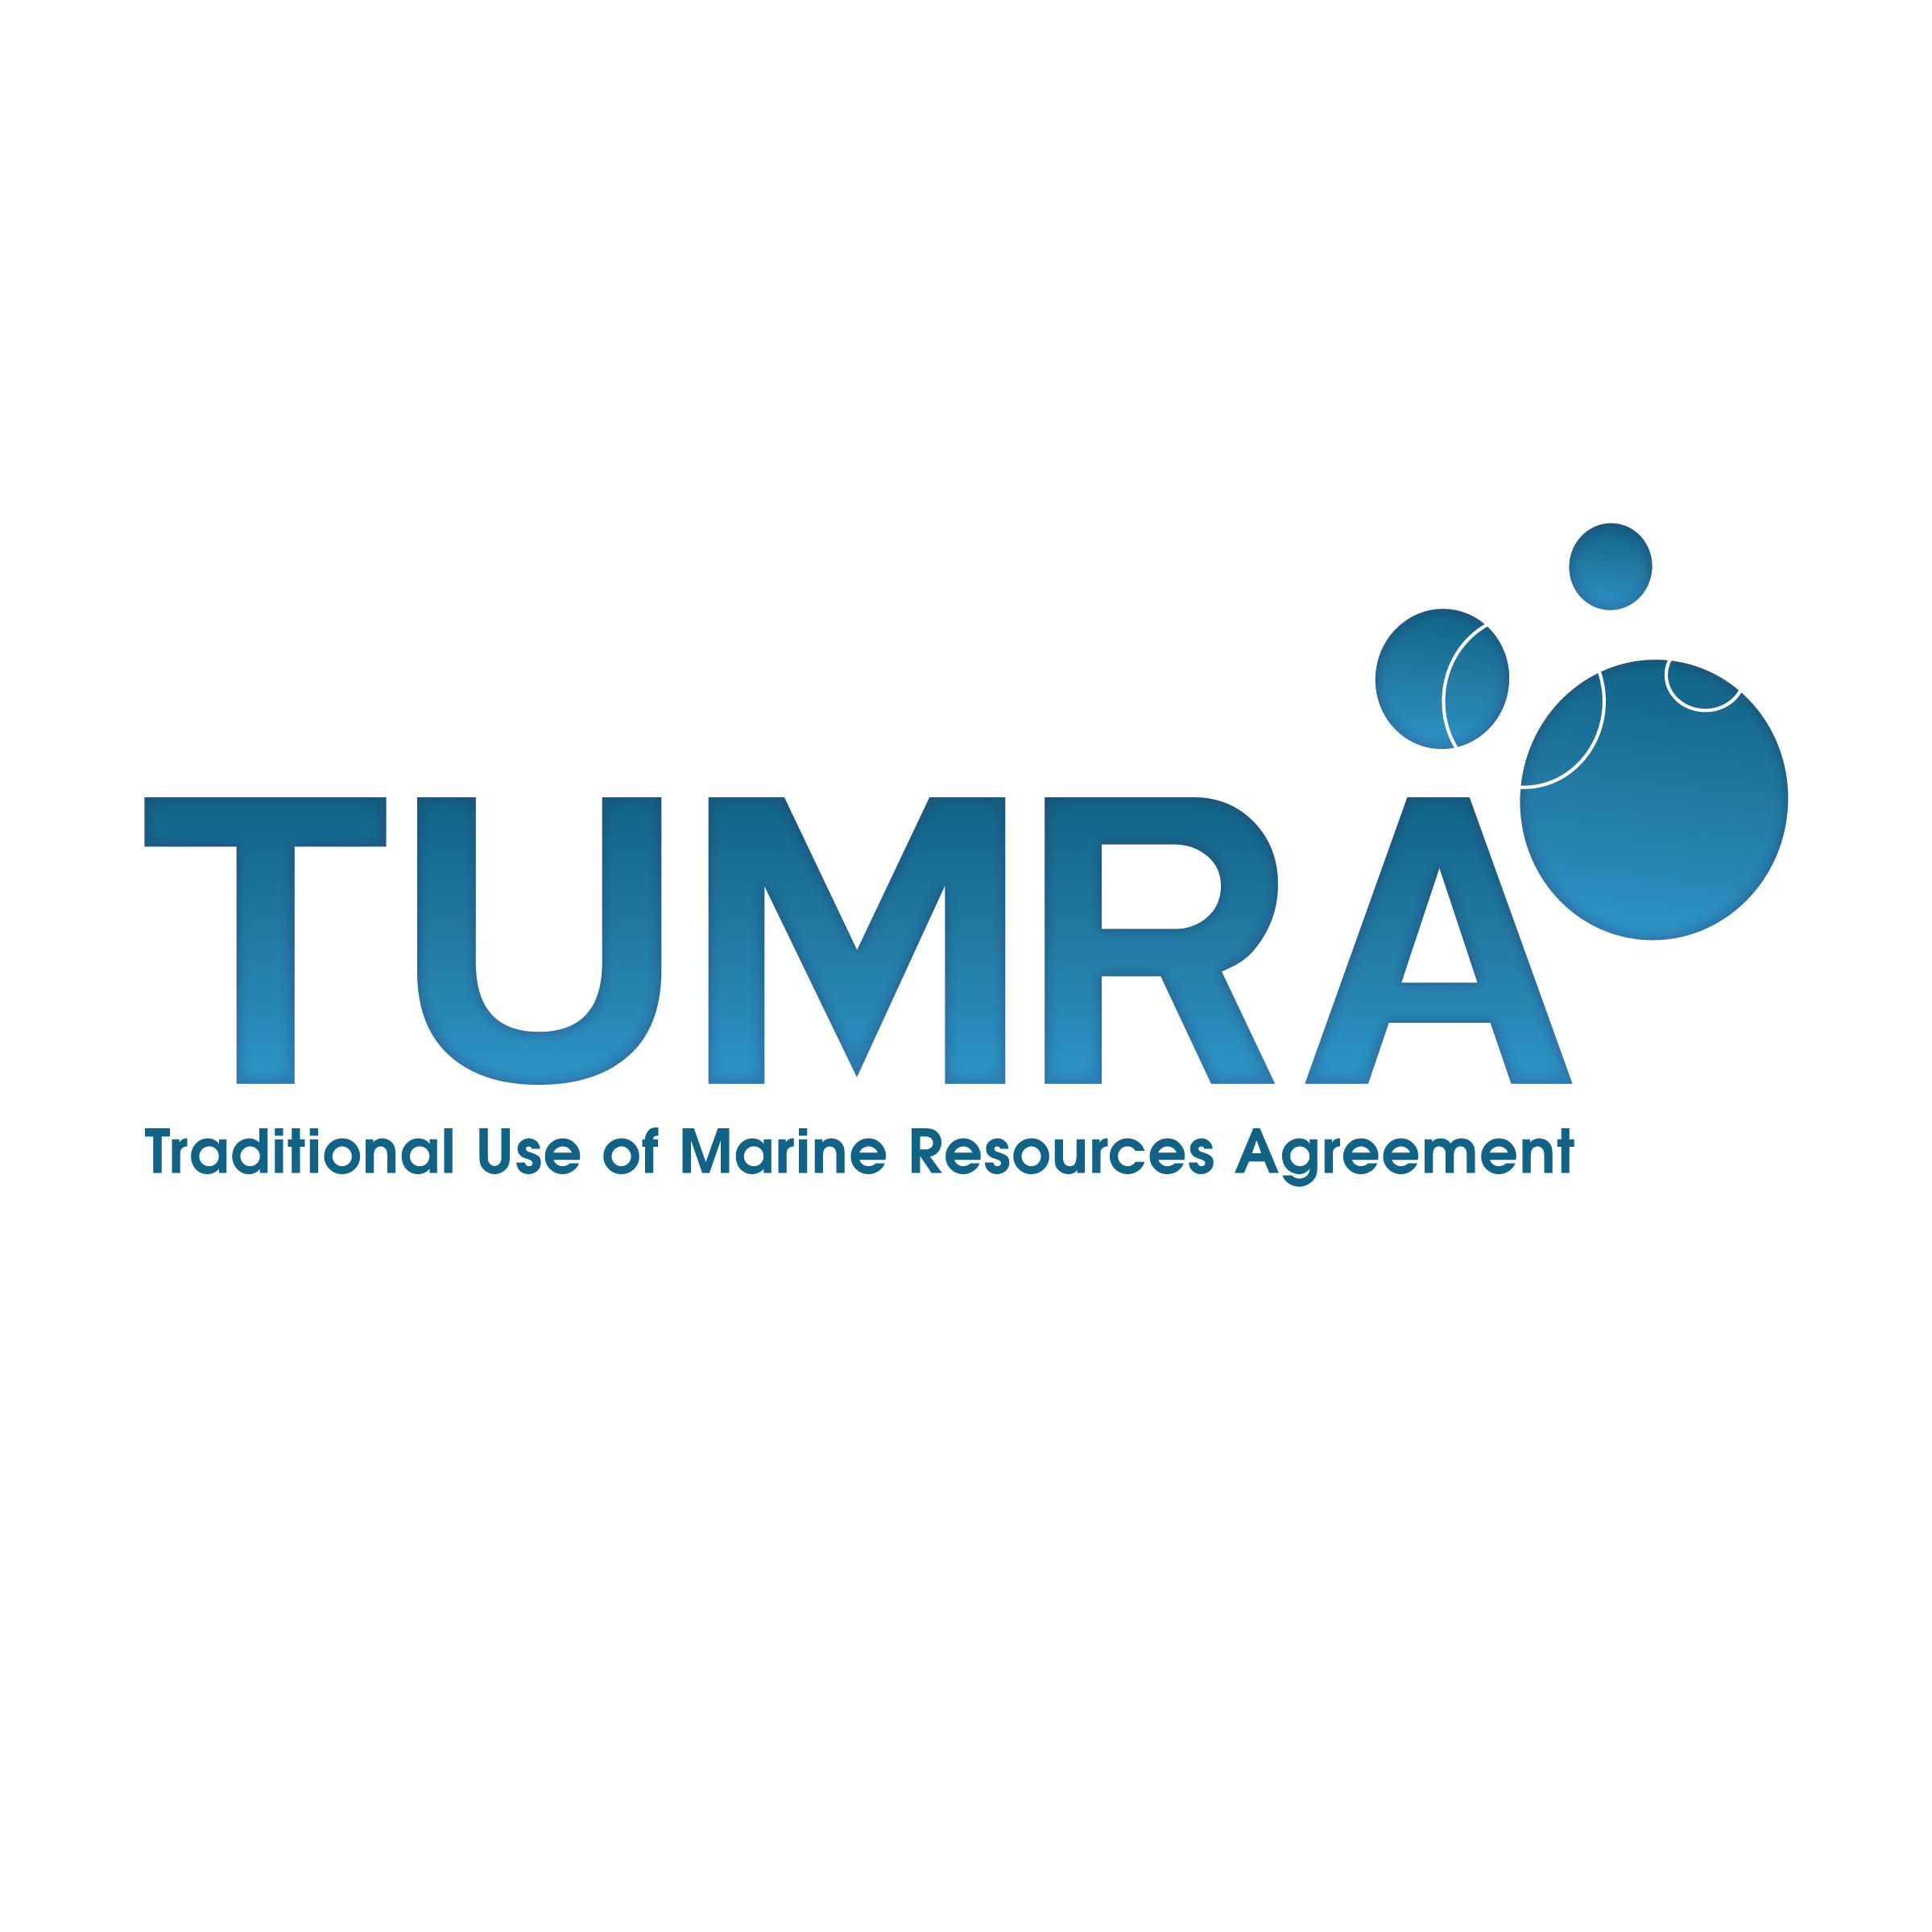 FINAL TUMRA logo design 230813CJS-01.jpg